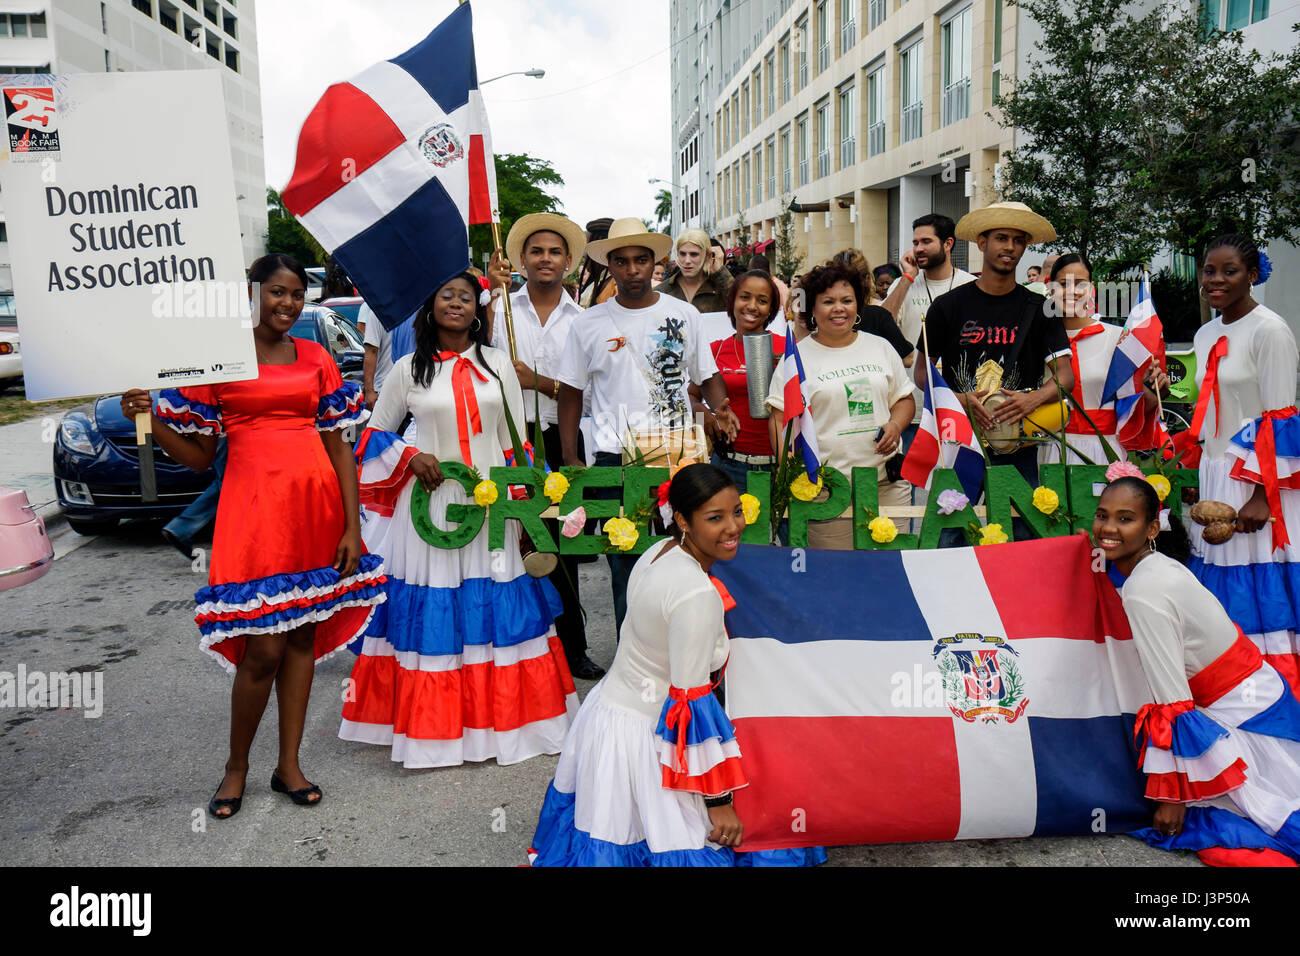 how dominican men dress